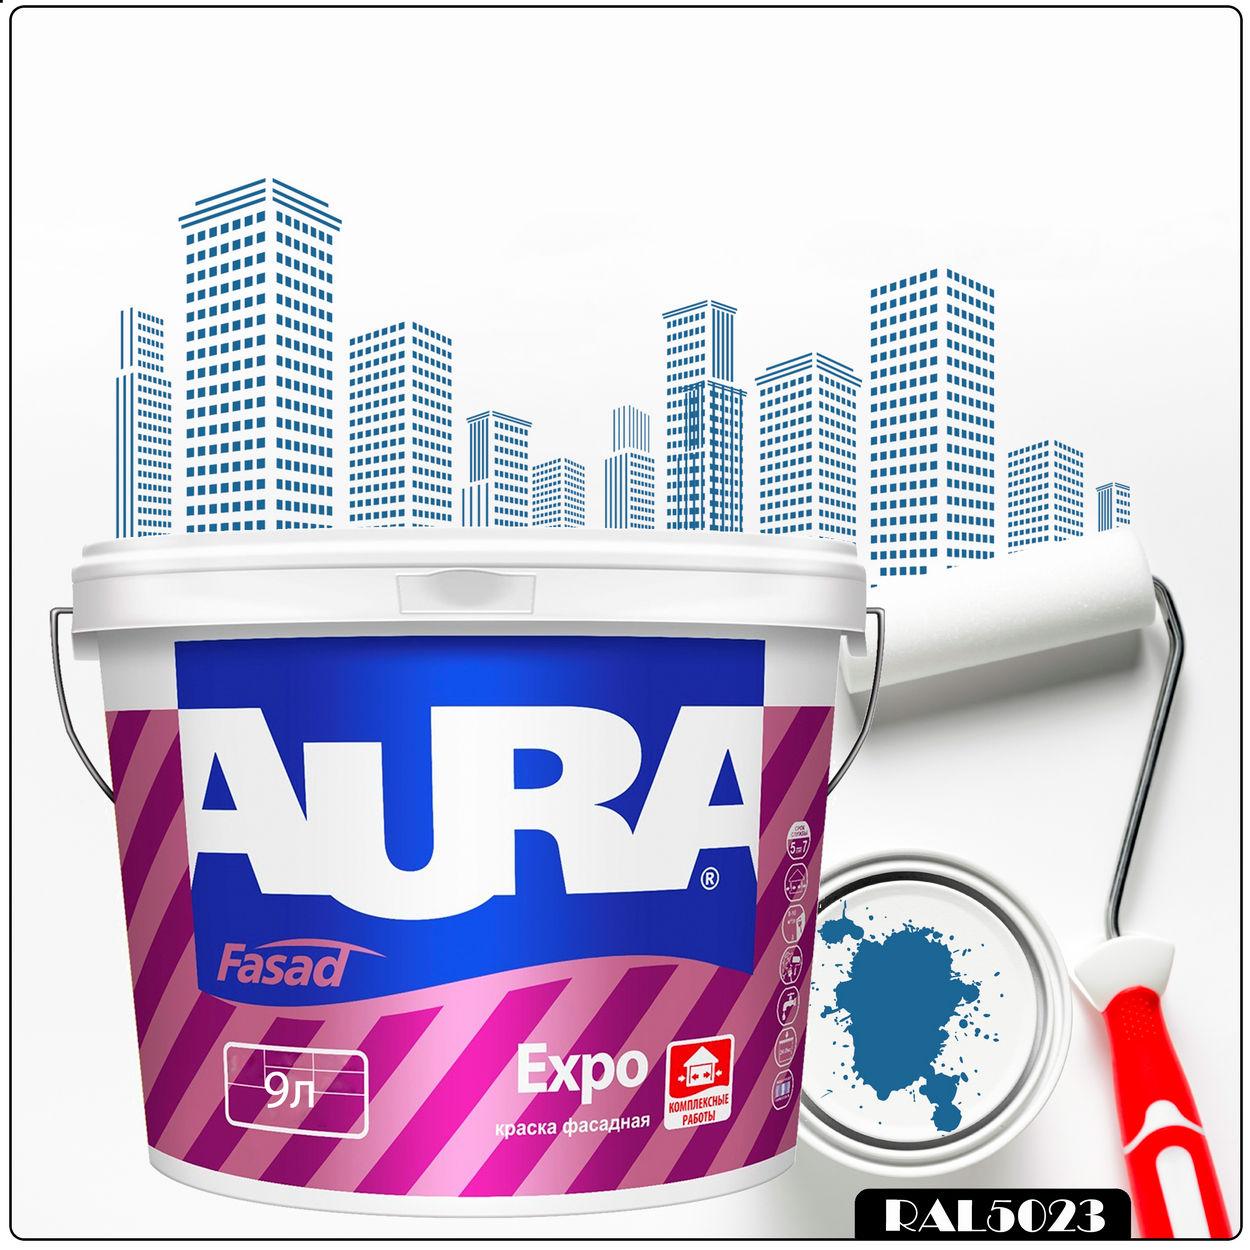 Фото 22 - Краска Aura Fasad Expo, RAL 5023 Отдаленно-синий, матовая, для фасадов и помещений с повышенной влажностью, 9л.